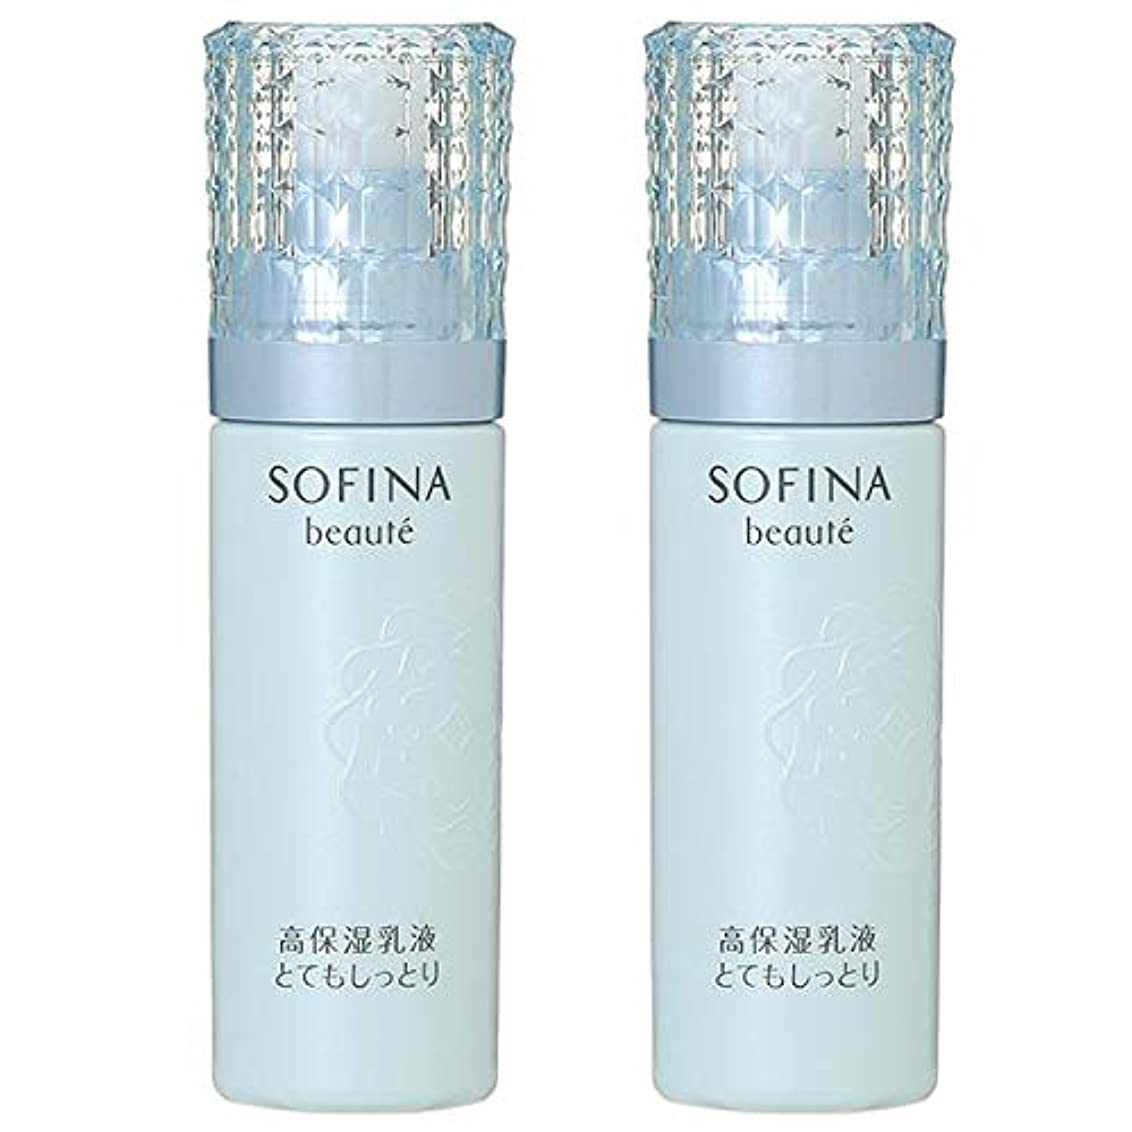 【セット】花王 ソフィーナ ボーテ SOFINA 高保湿乳液 とてもしっとり 60g 2個セット 【医薬部外品】